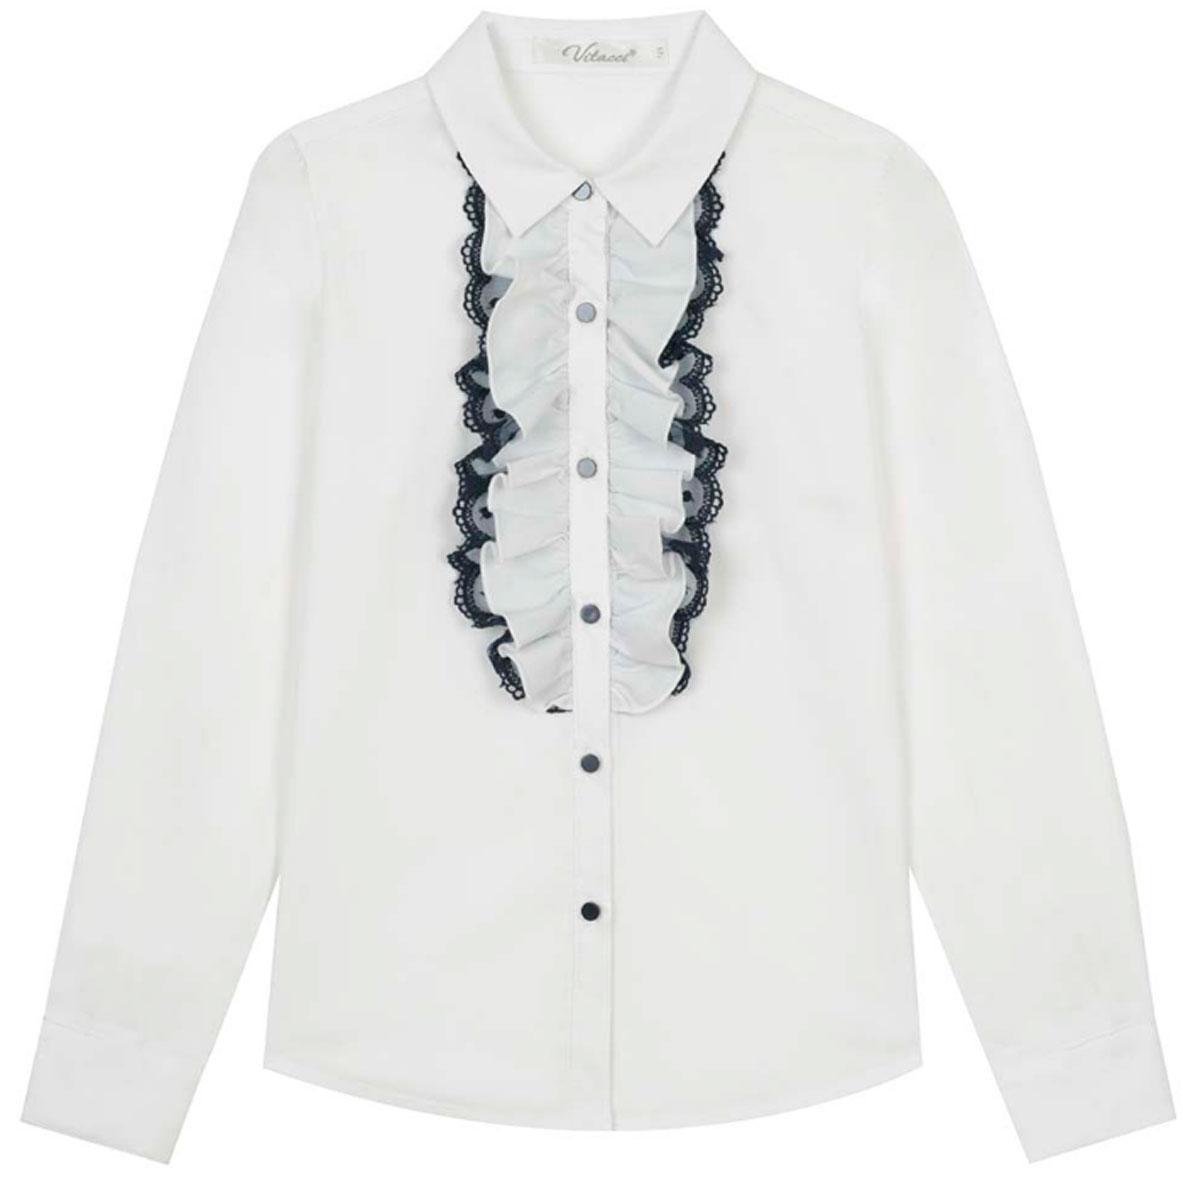 Блузка для девочки Vitacci, цвет: белый. 2173217-01. Размер 1222173217-01Школьная блузка для девочки от Vitacci выполнена из хлопкового материала. Модель с длинными рукавами и отложным воротничком застегивается на пуговицы. На полочке блузка декорирована жабо.